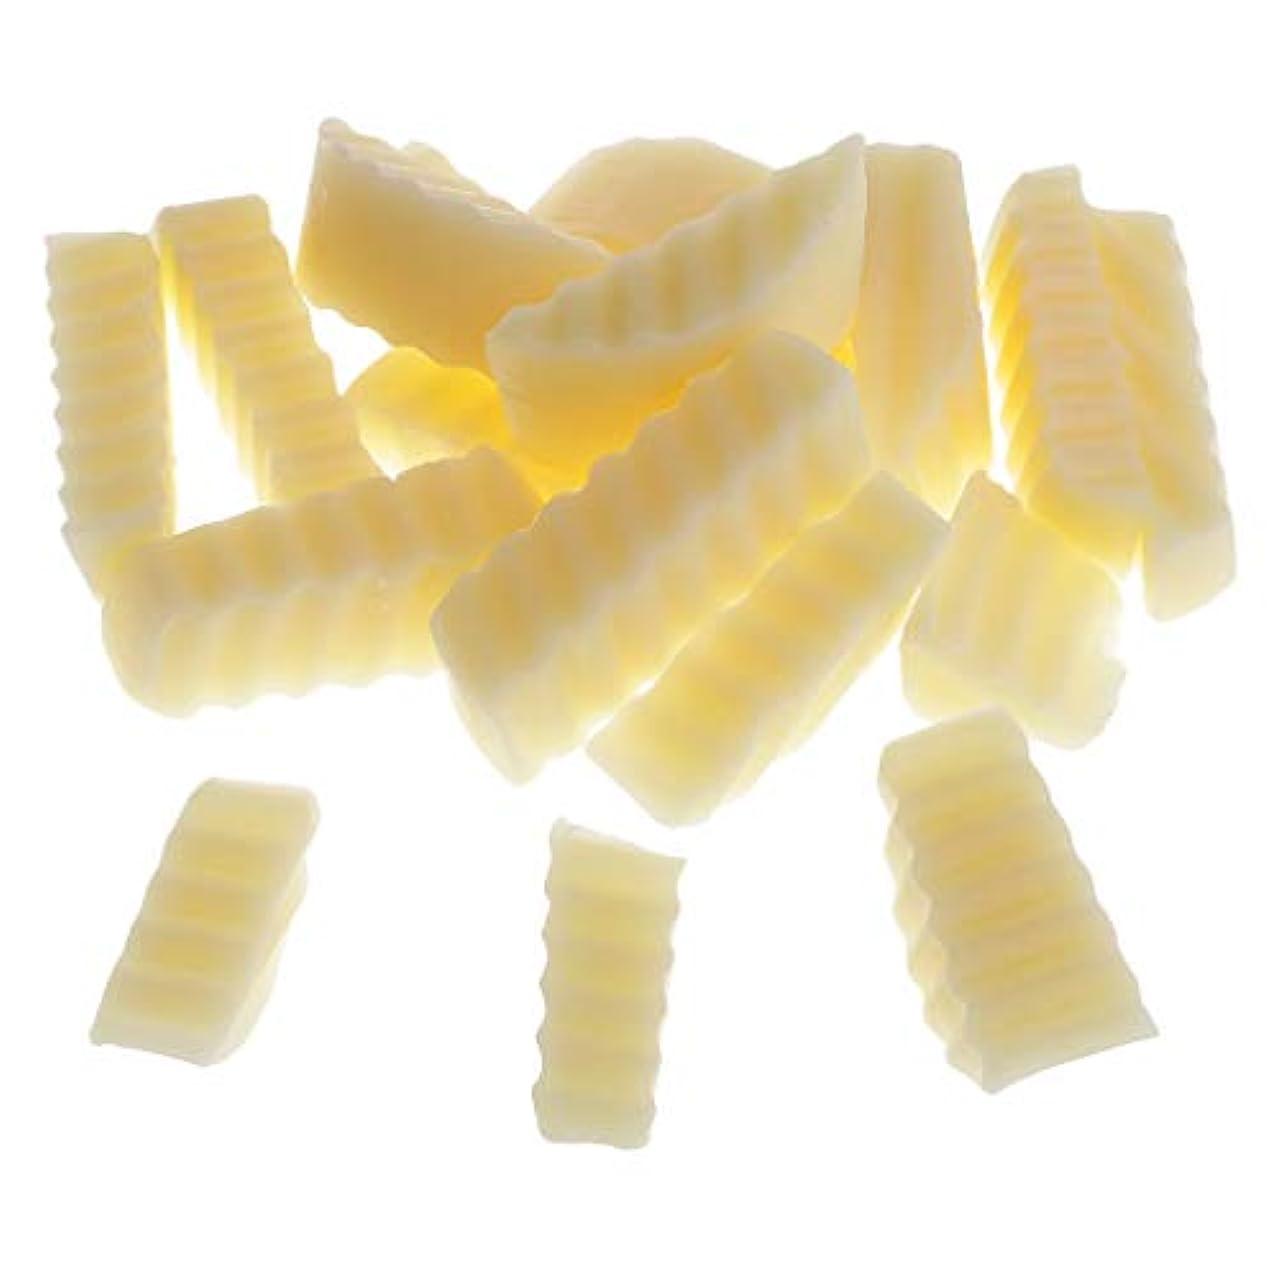 ずらすふざけた書くFLAMEER ラノリン石鹸 自然な素材 DIY手作り 石鹸 固形せっけん 約250g /パック 高品質